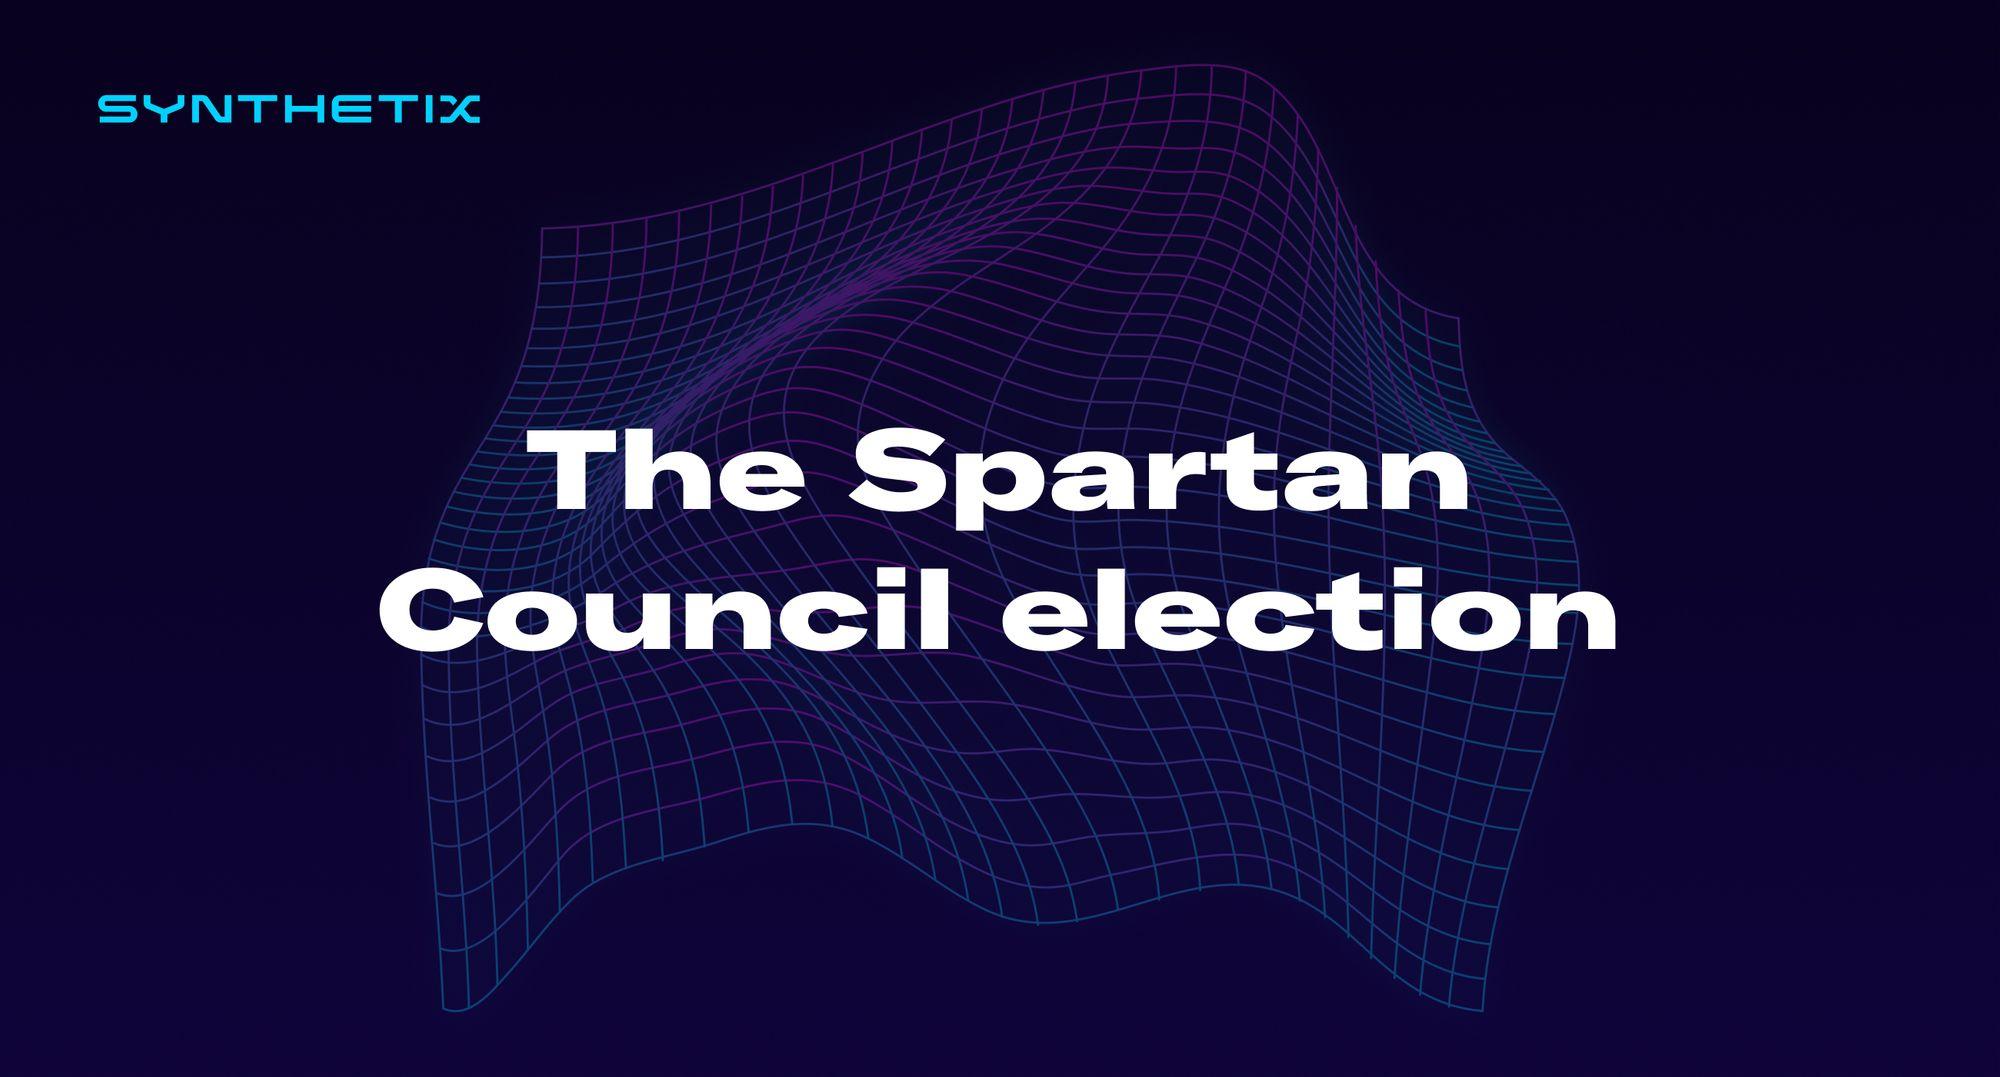 The Spartan Council election